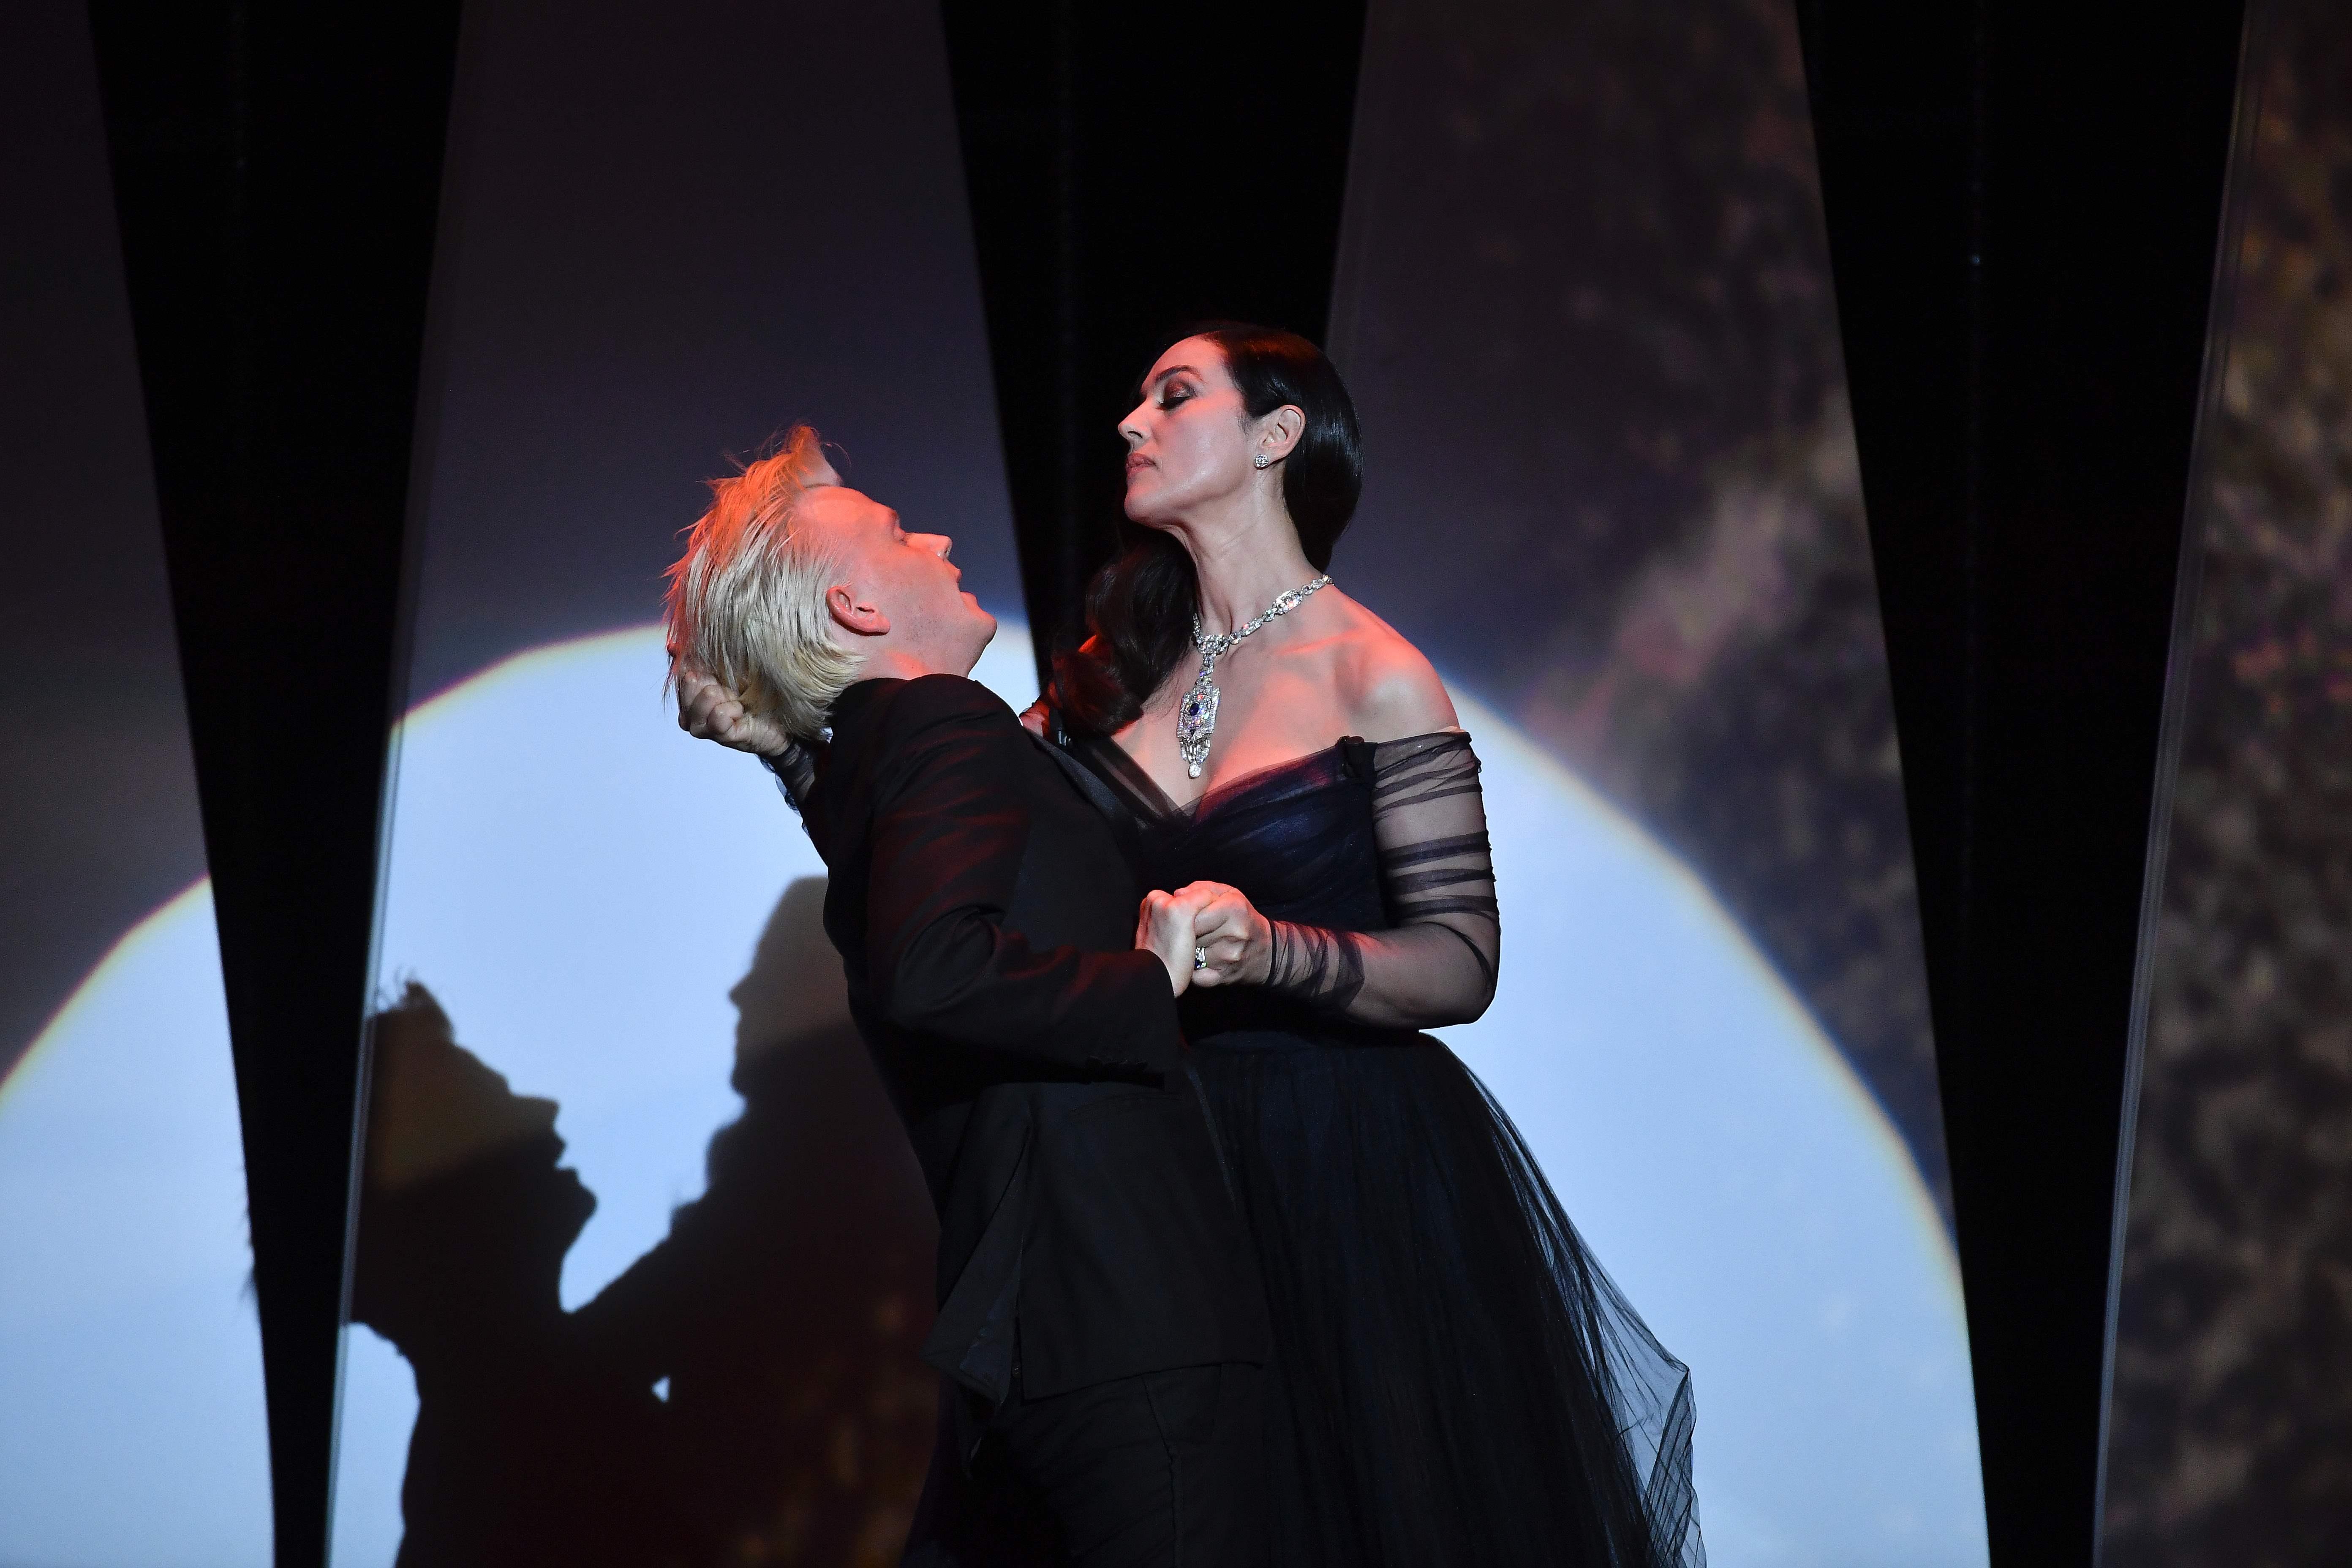 مونيكا بيلوتشي تشعل أجواء حفل افتتاح مهرجان كان بقبلات حارة للفنان أليكس لوتز (9)